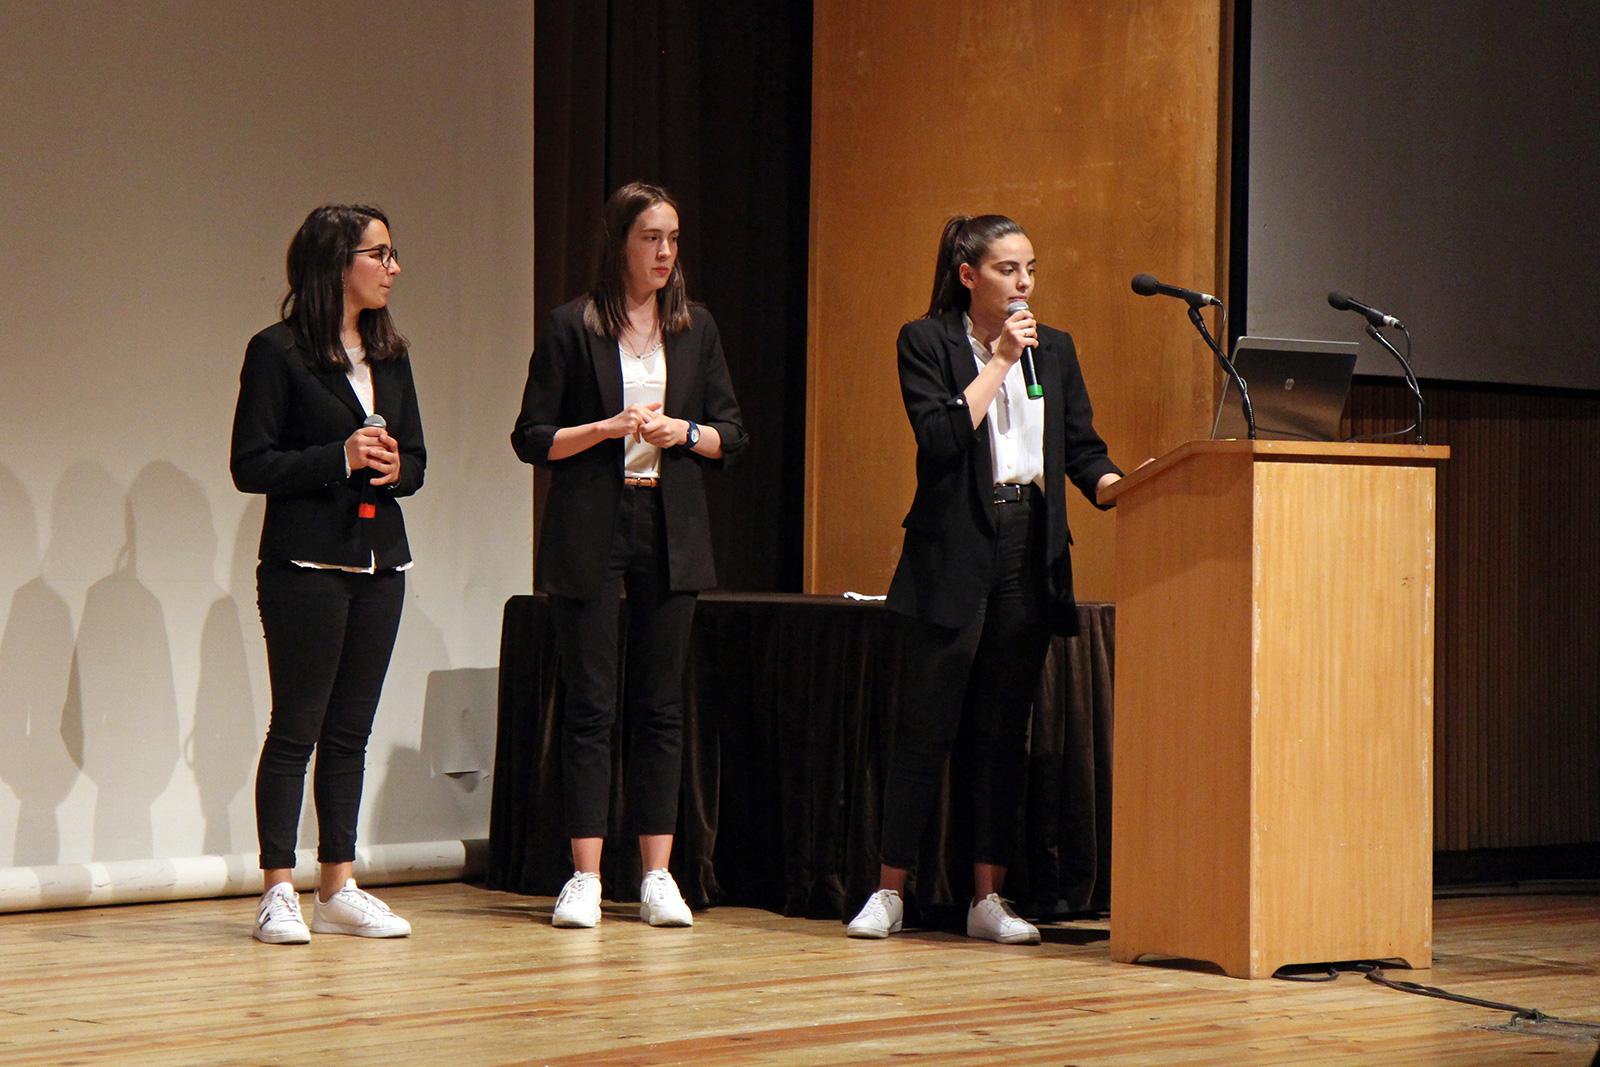 Alunas do projeto Smart Ground, Catarina Gomes, Francisca Costa e Mariana Freitas